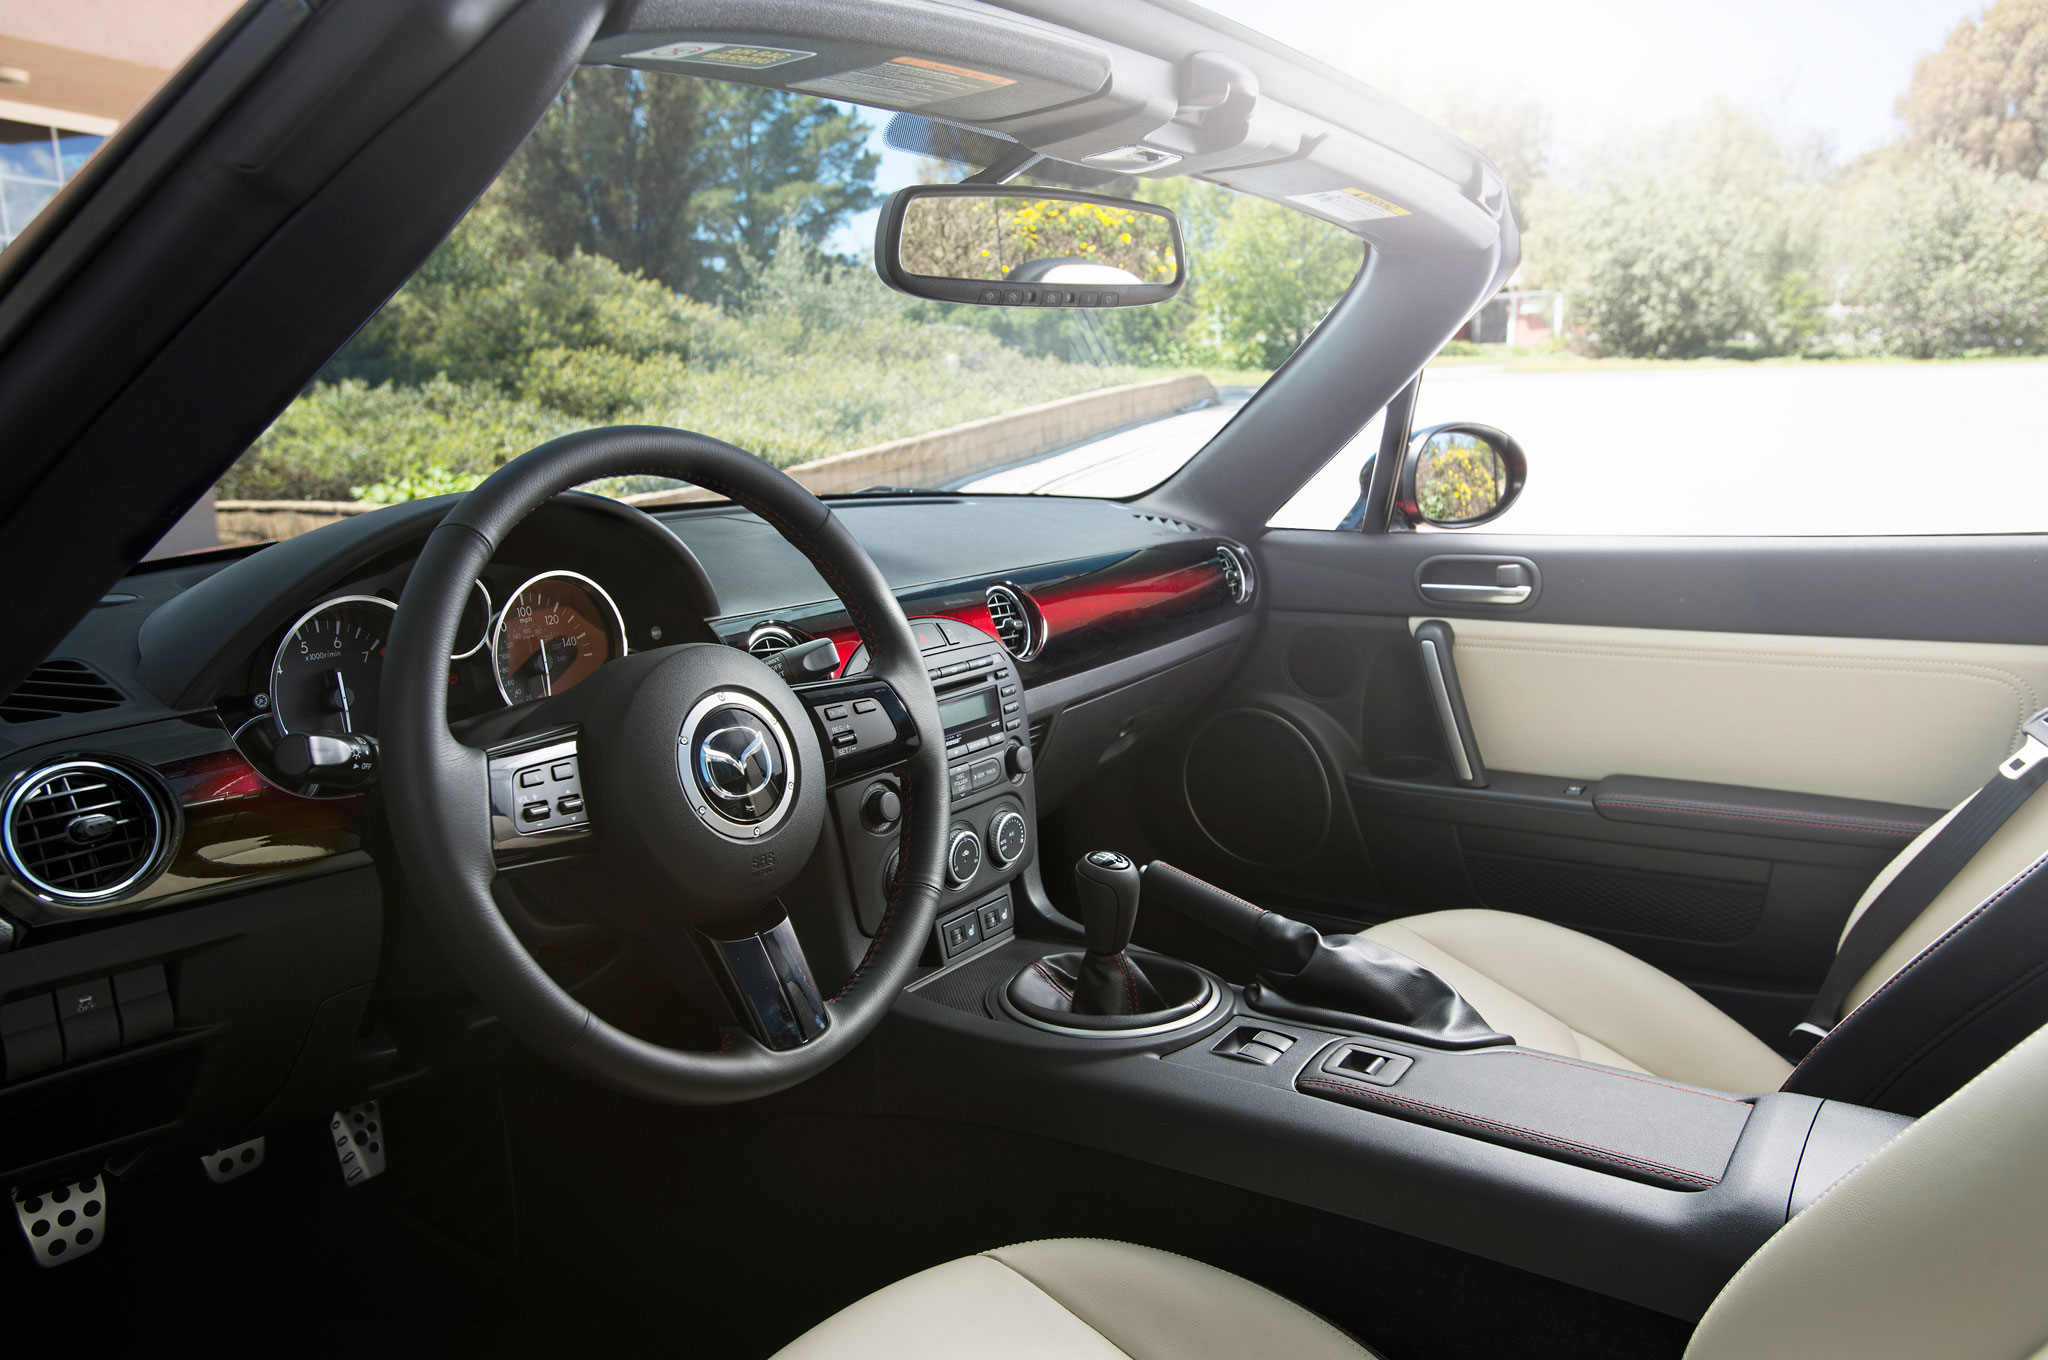 mazda miata anniversary edition sells out in 10 minutes - automobile